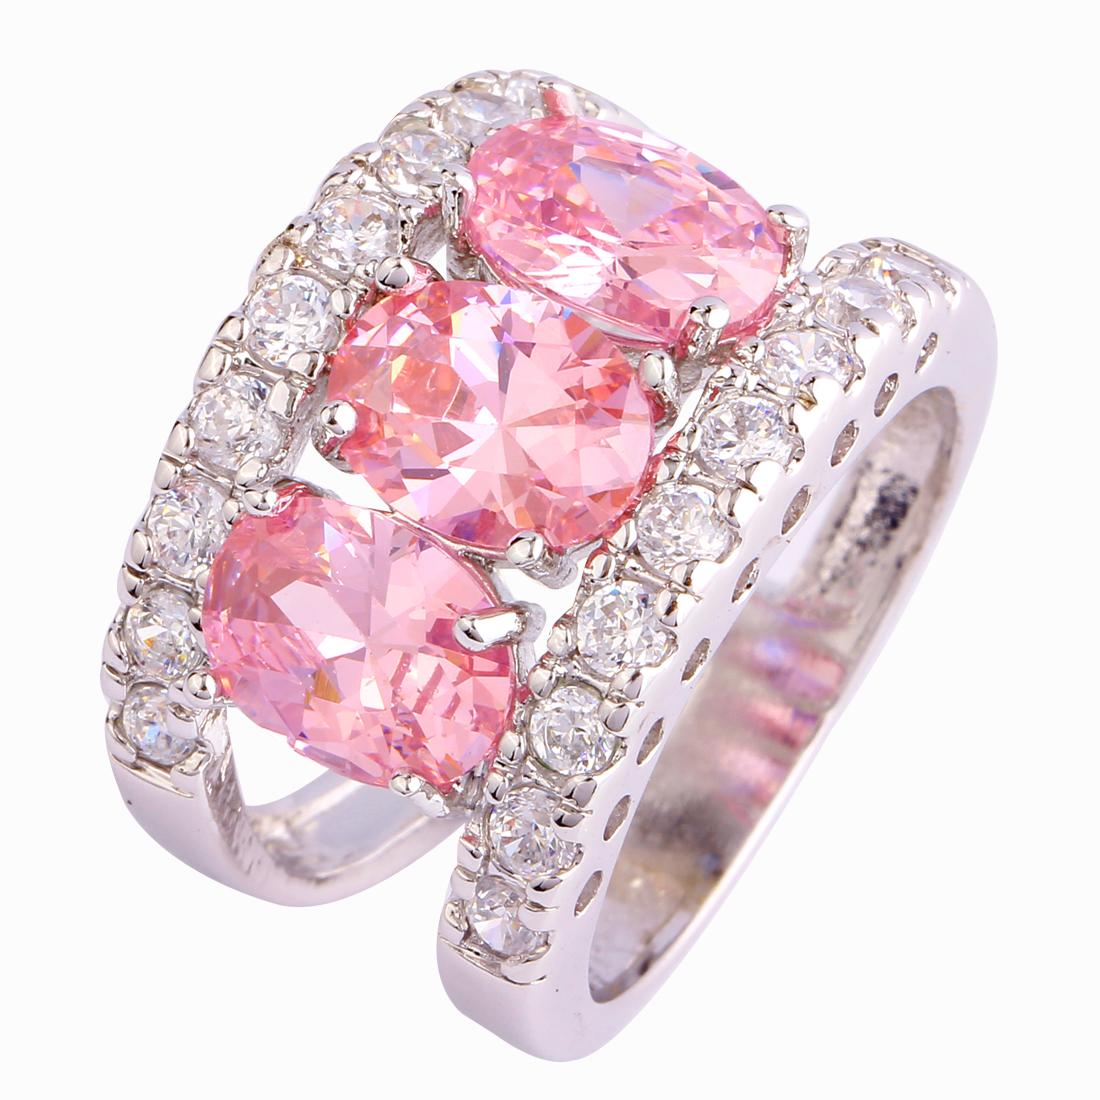 Розовый топаз - фото украшений с розовым топазом